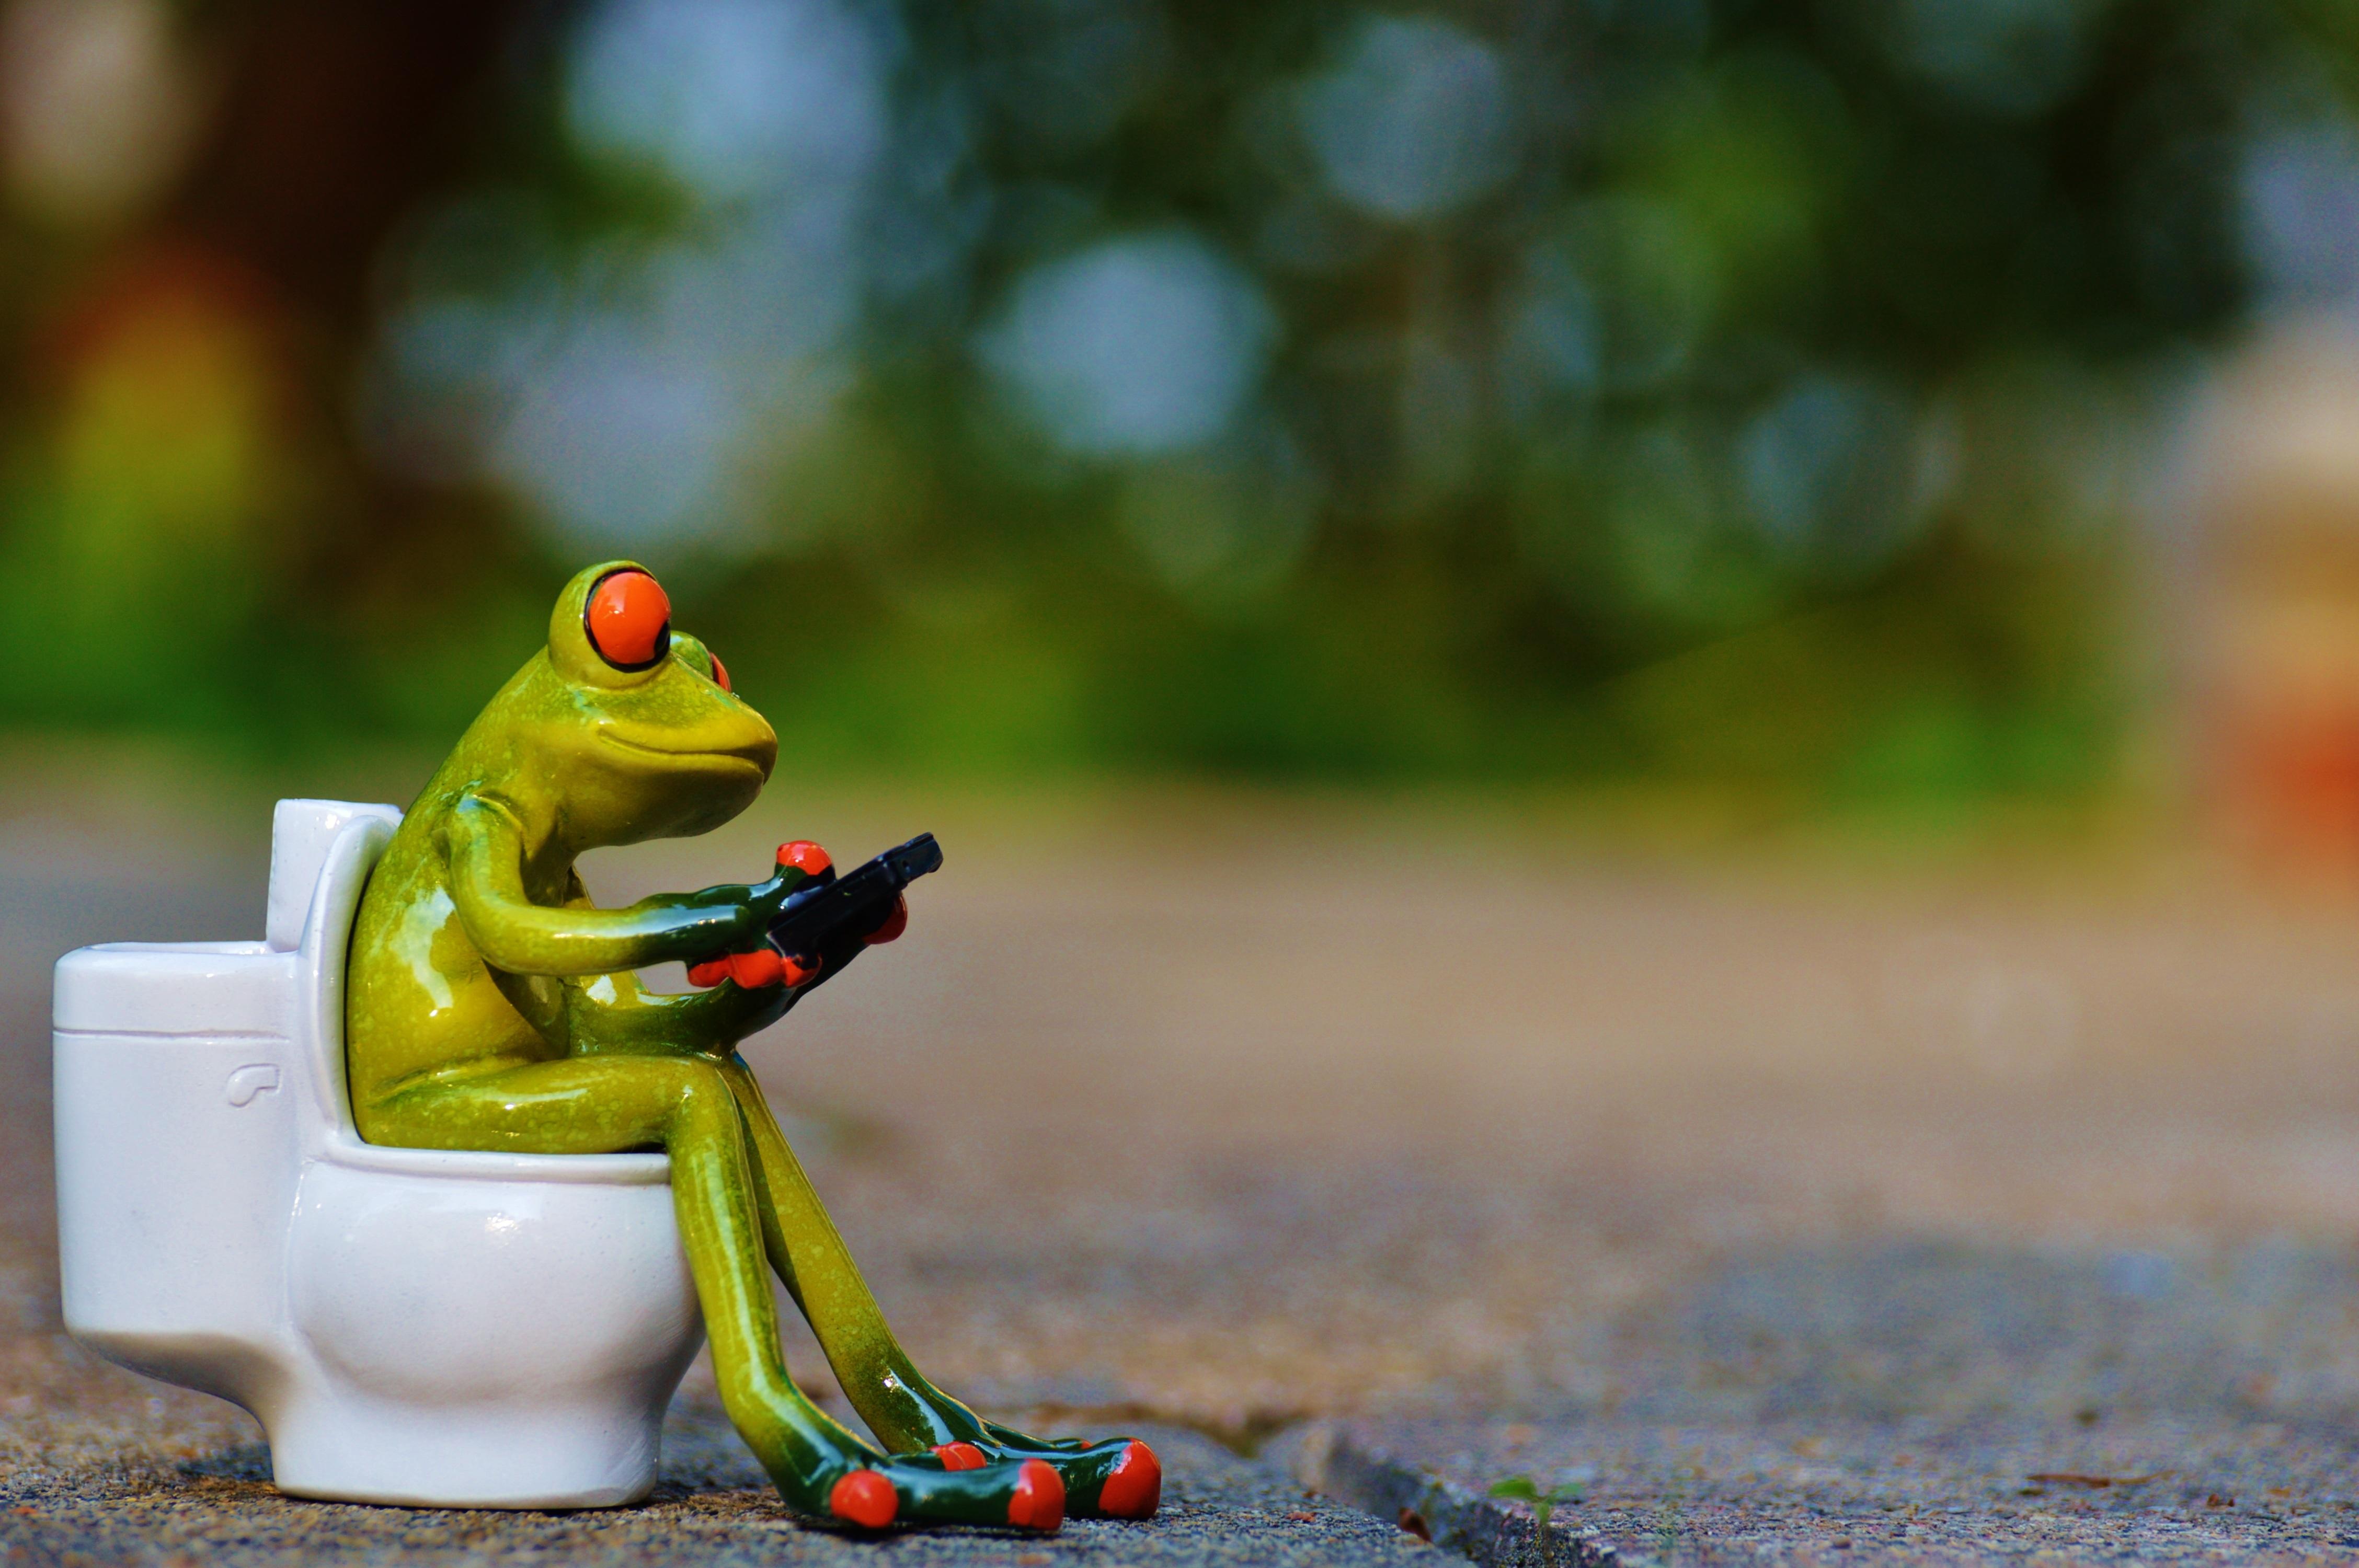 Images Gratuites : animal, mignonne, vert, Couleur, toilette ...